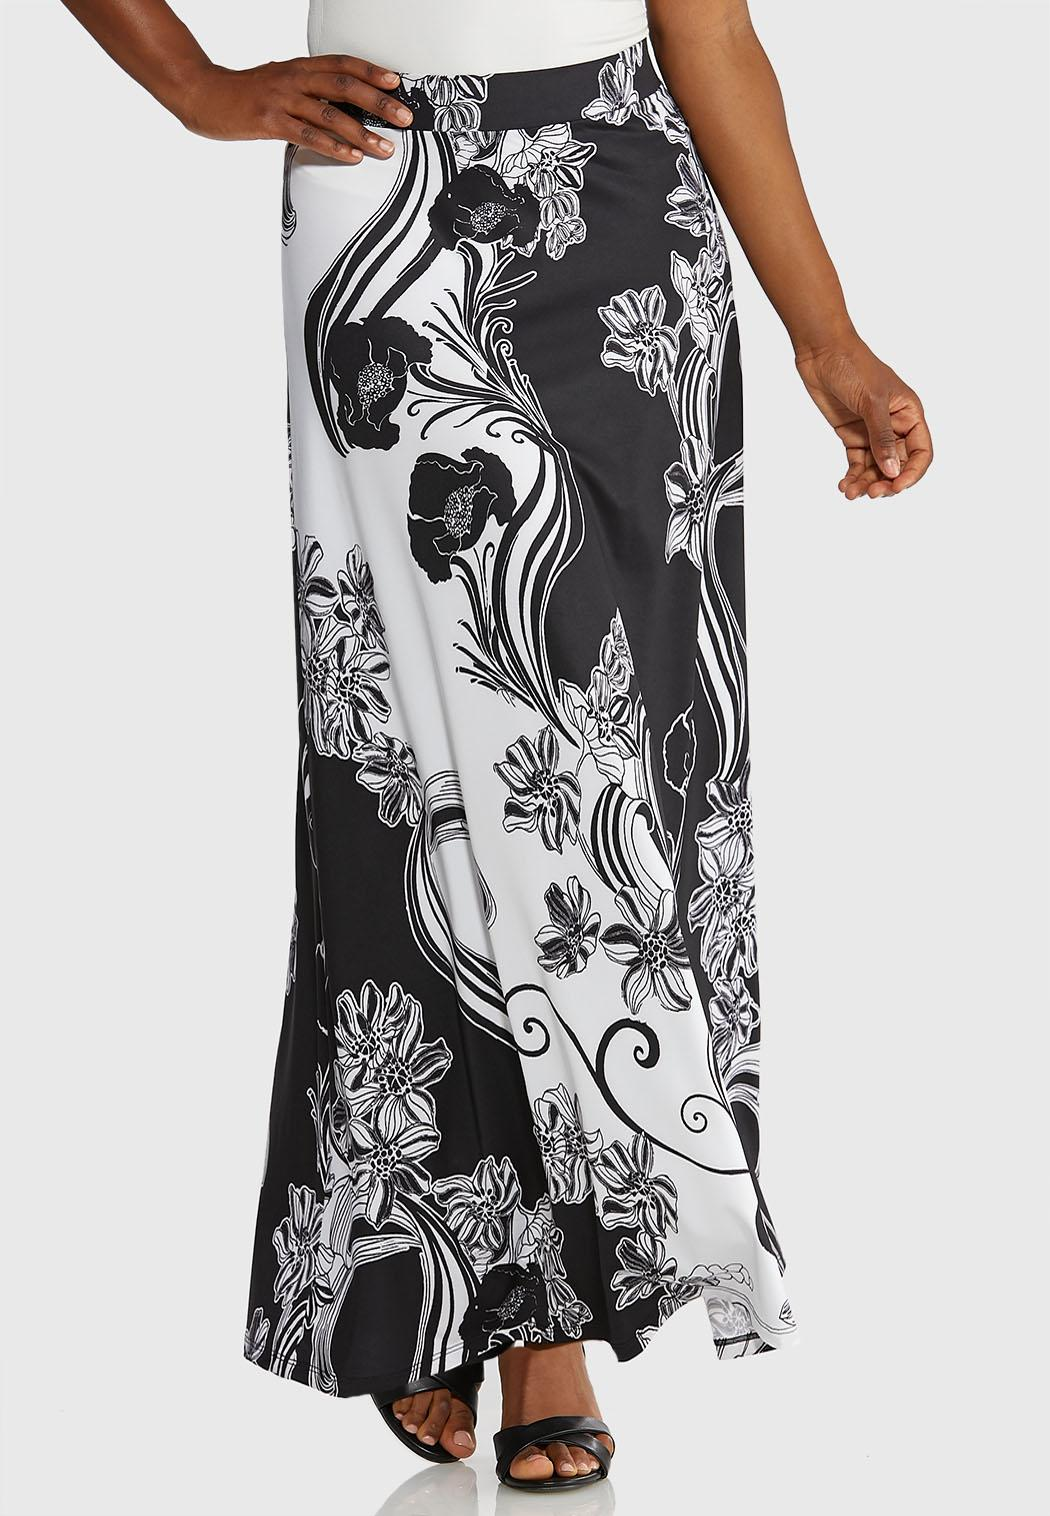 Black White Floral Maxi Skirt